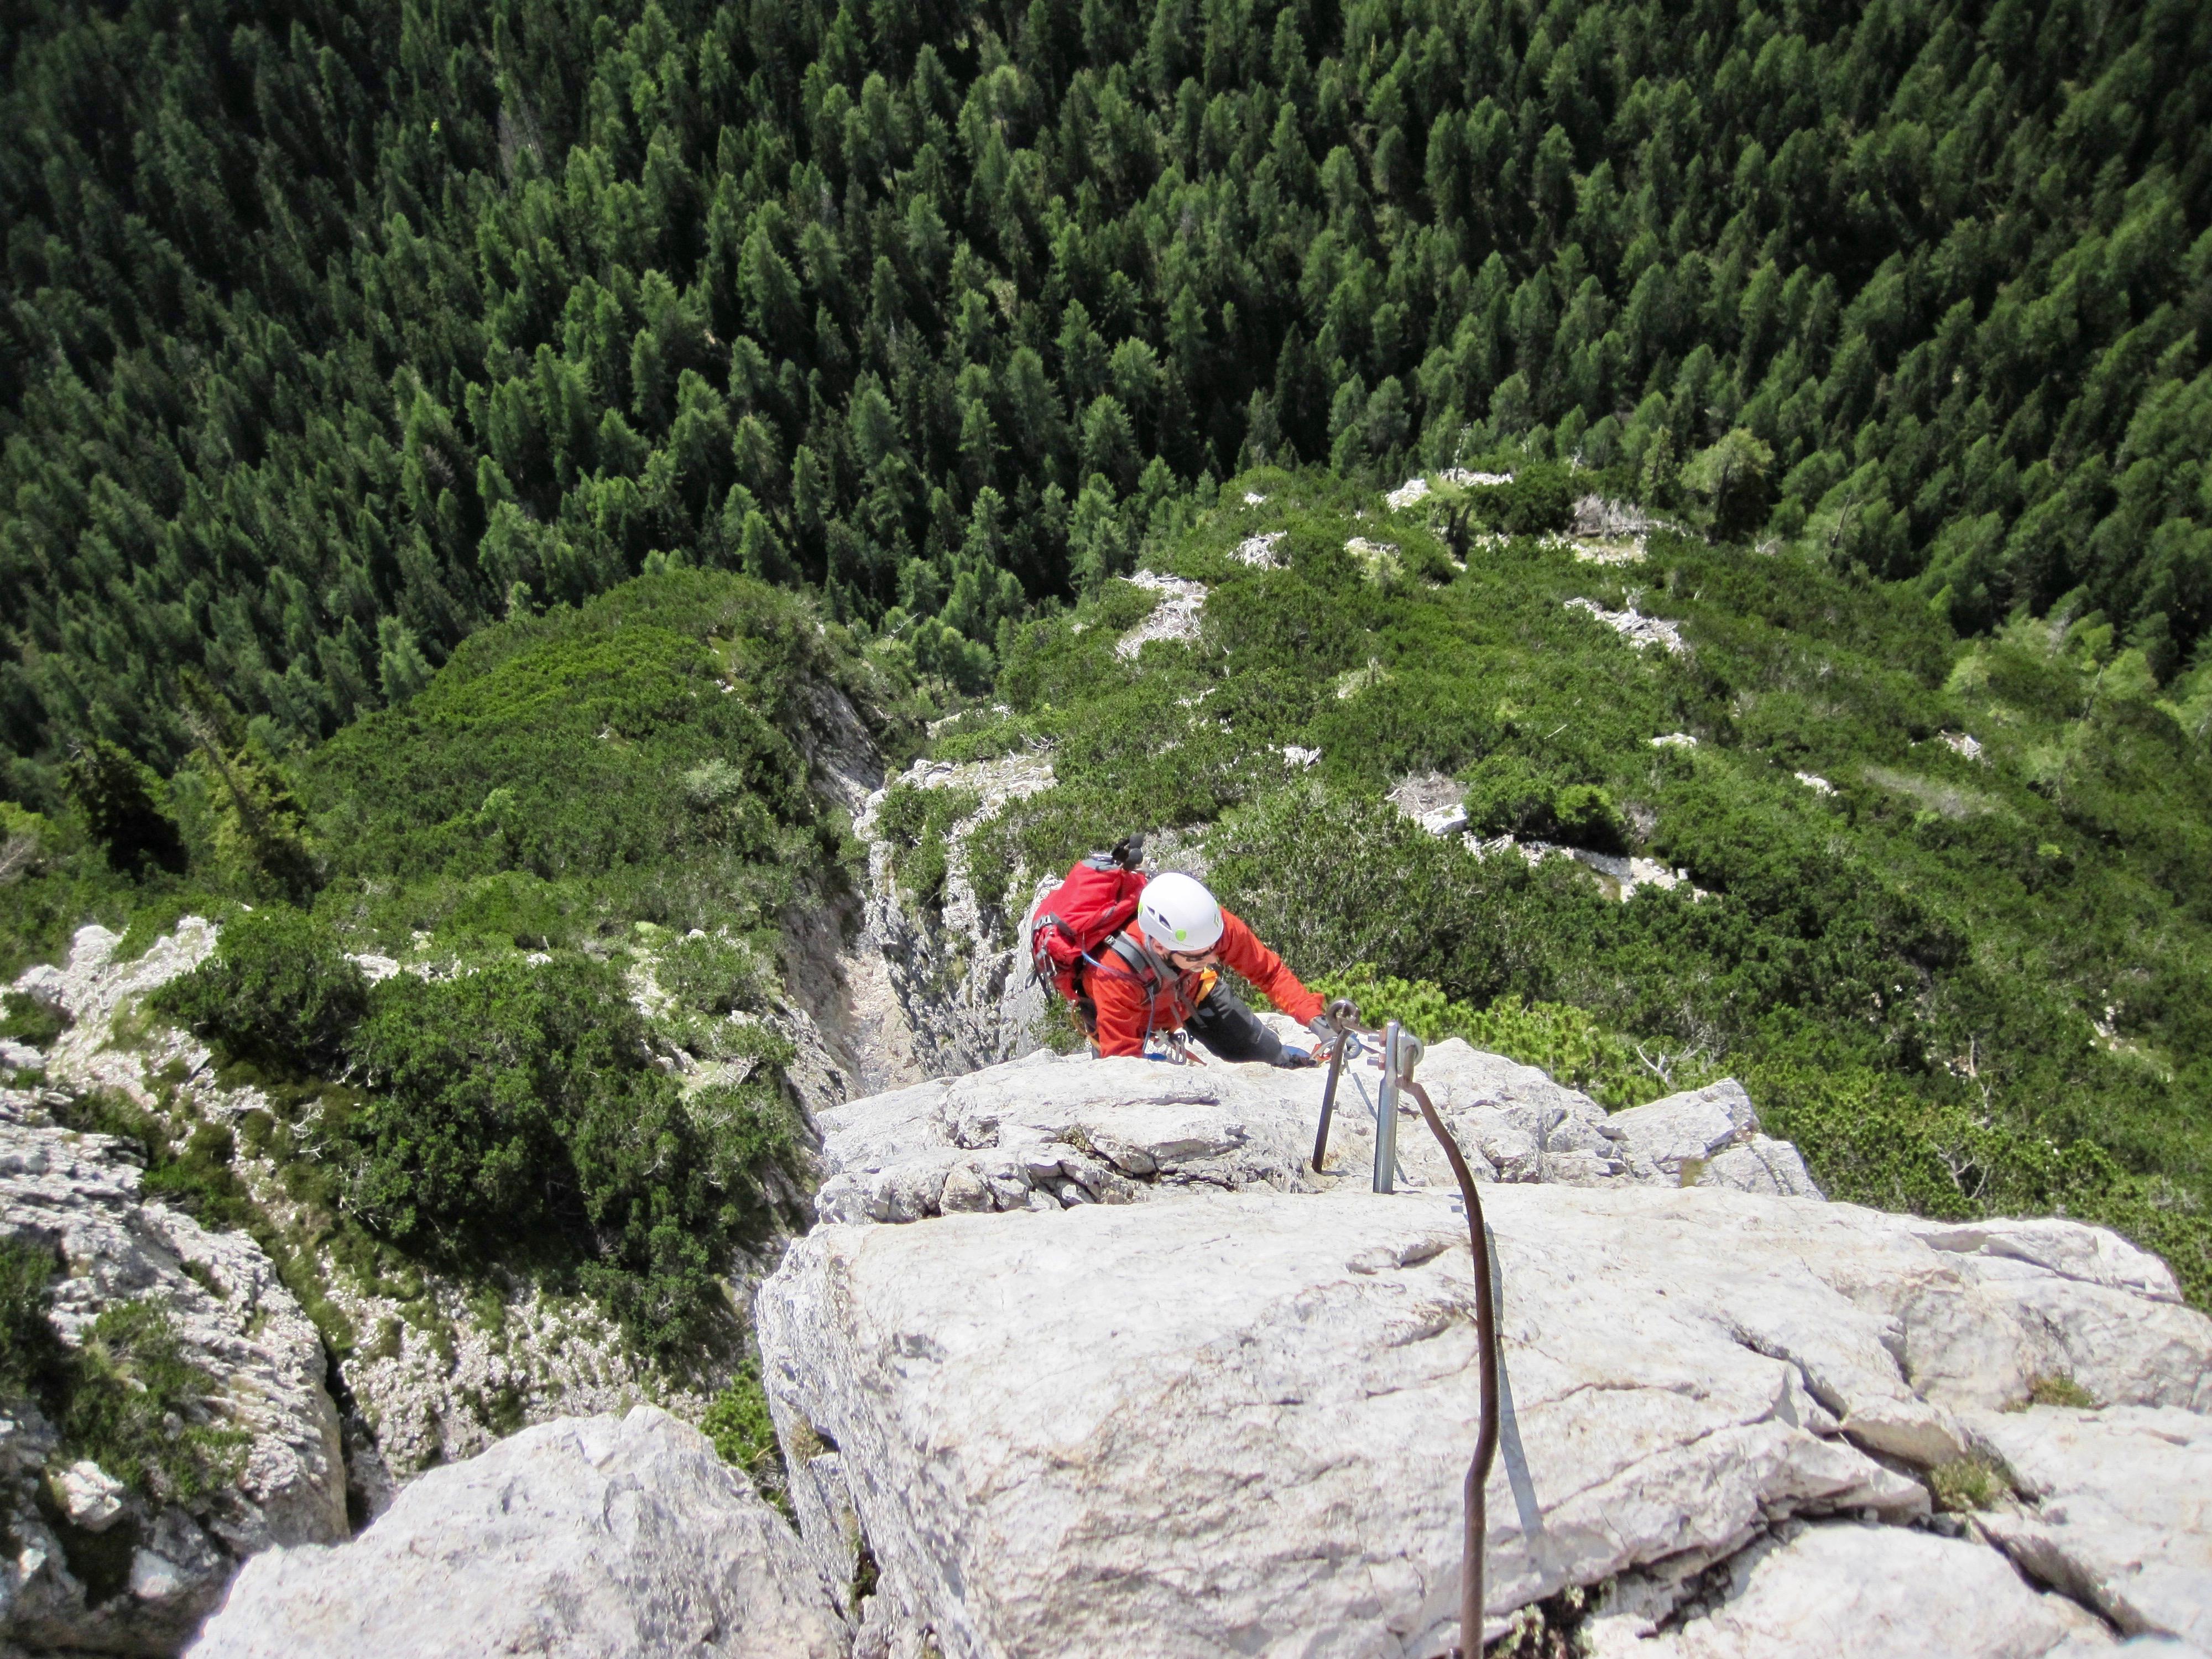 Linearete Bessica Di Loria the col rosa (ettore bovero) via ferrata – trail to peak